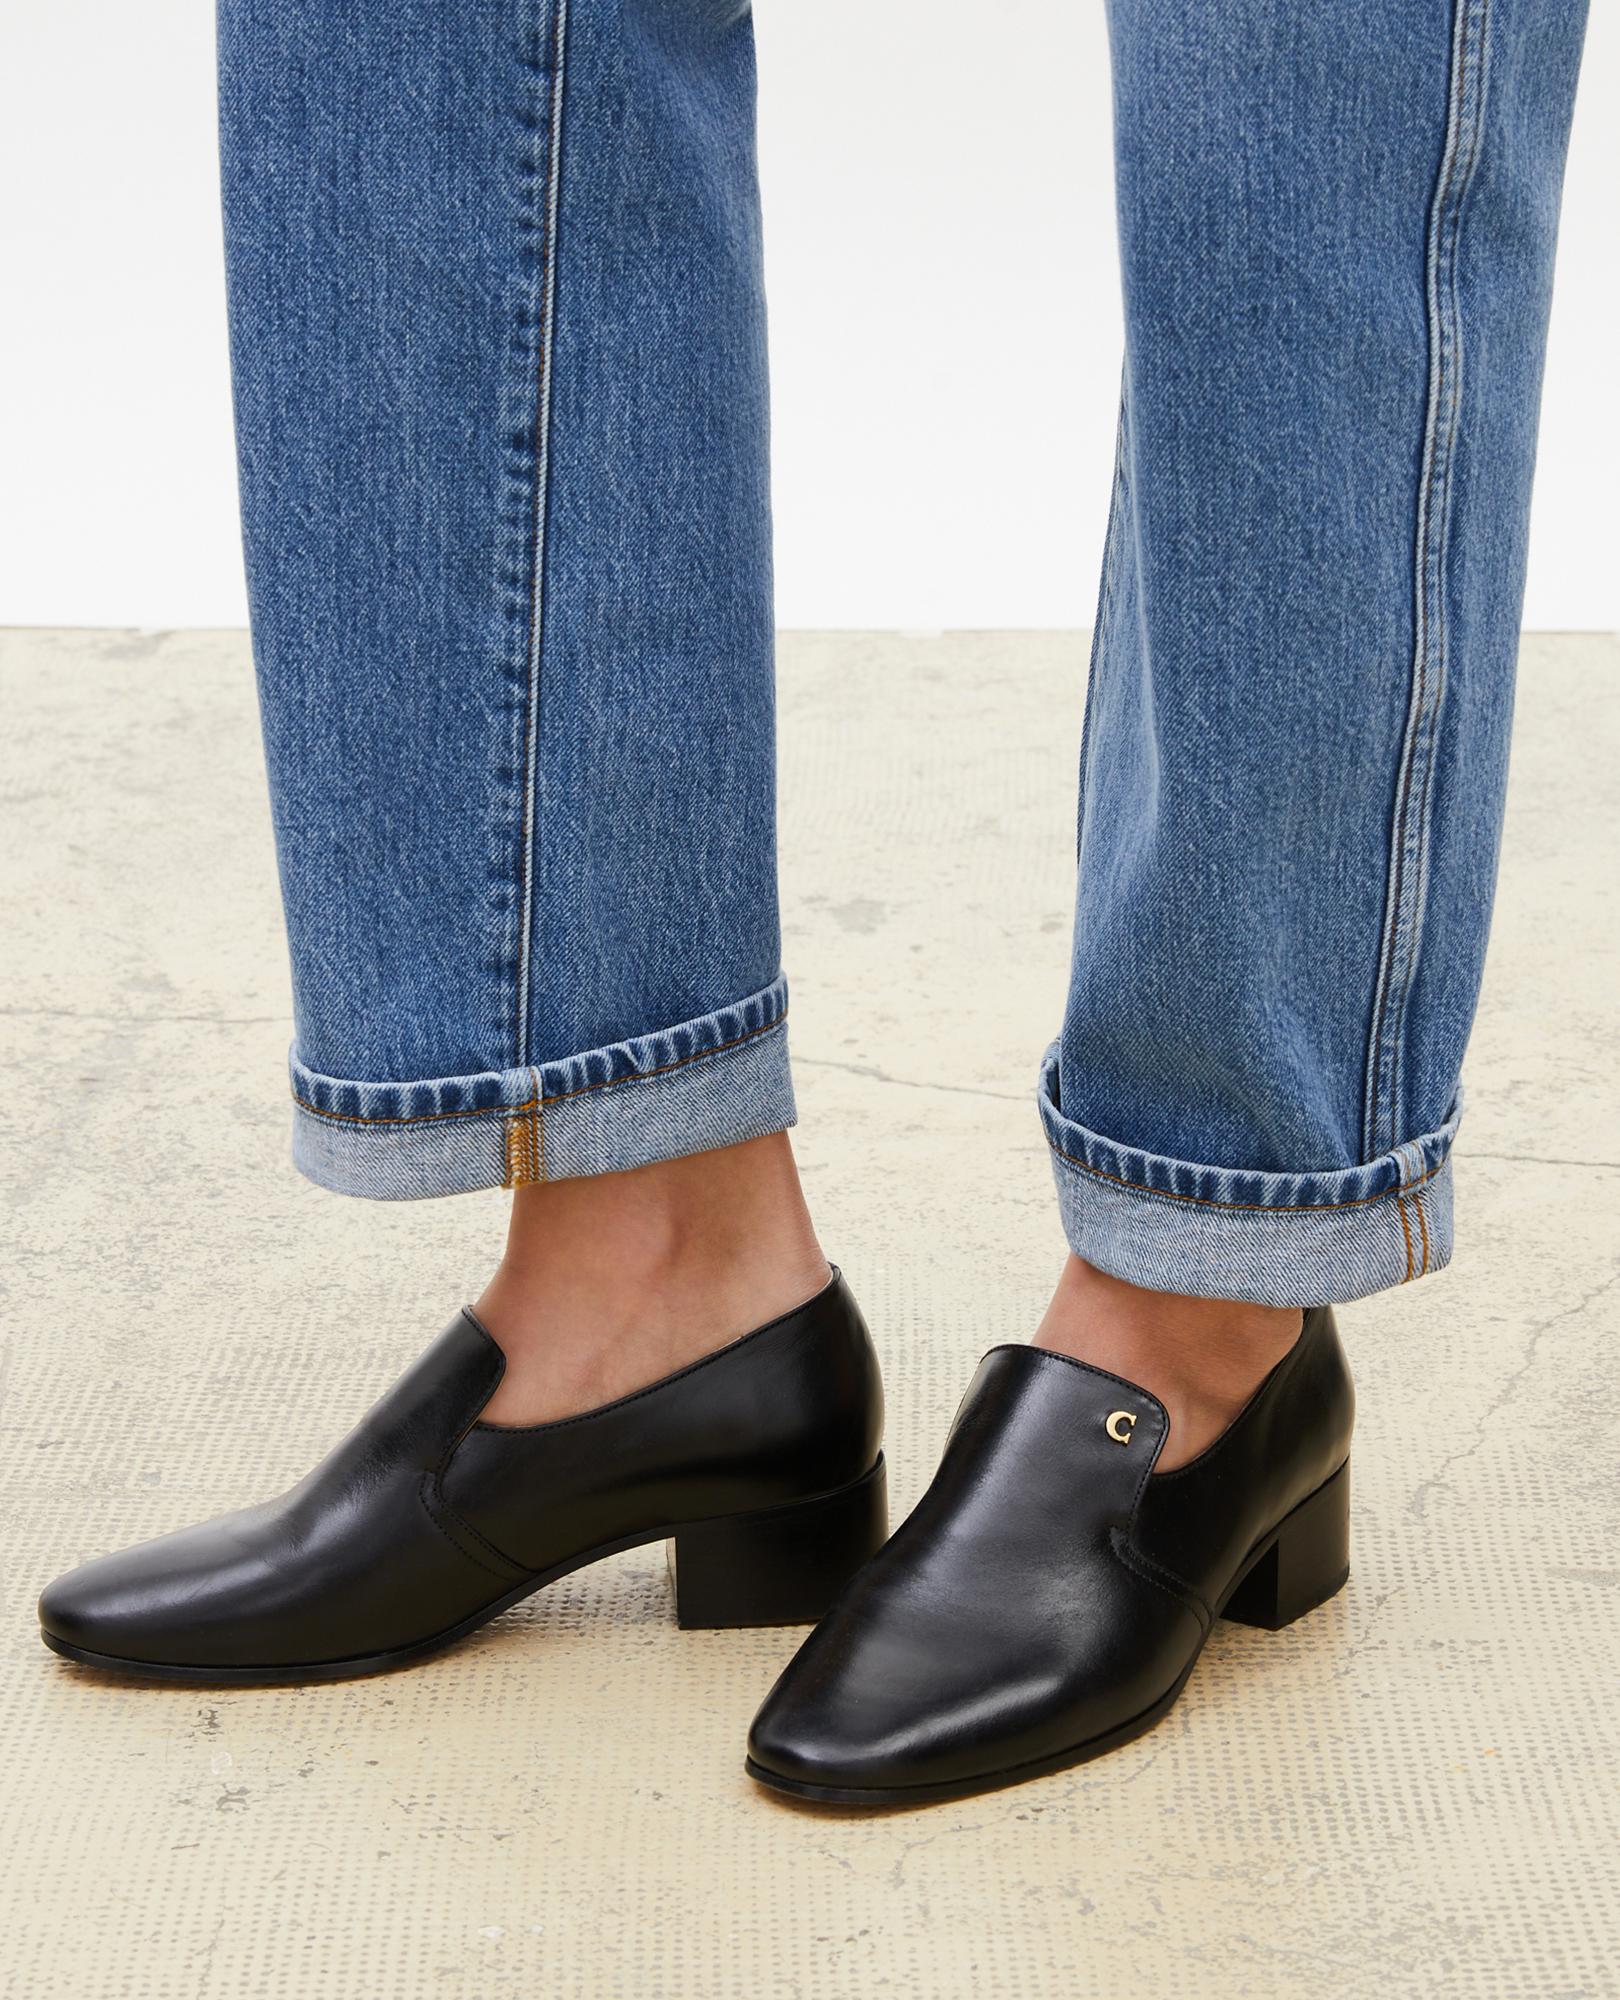 nouvelles photos marque célèbre sur des coups de pieds de Les accessoires à la mode pour femme | Comptoir des Cotonniers